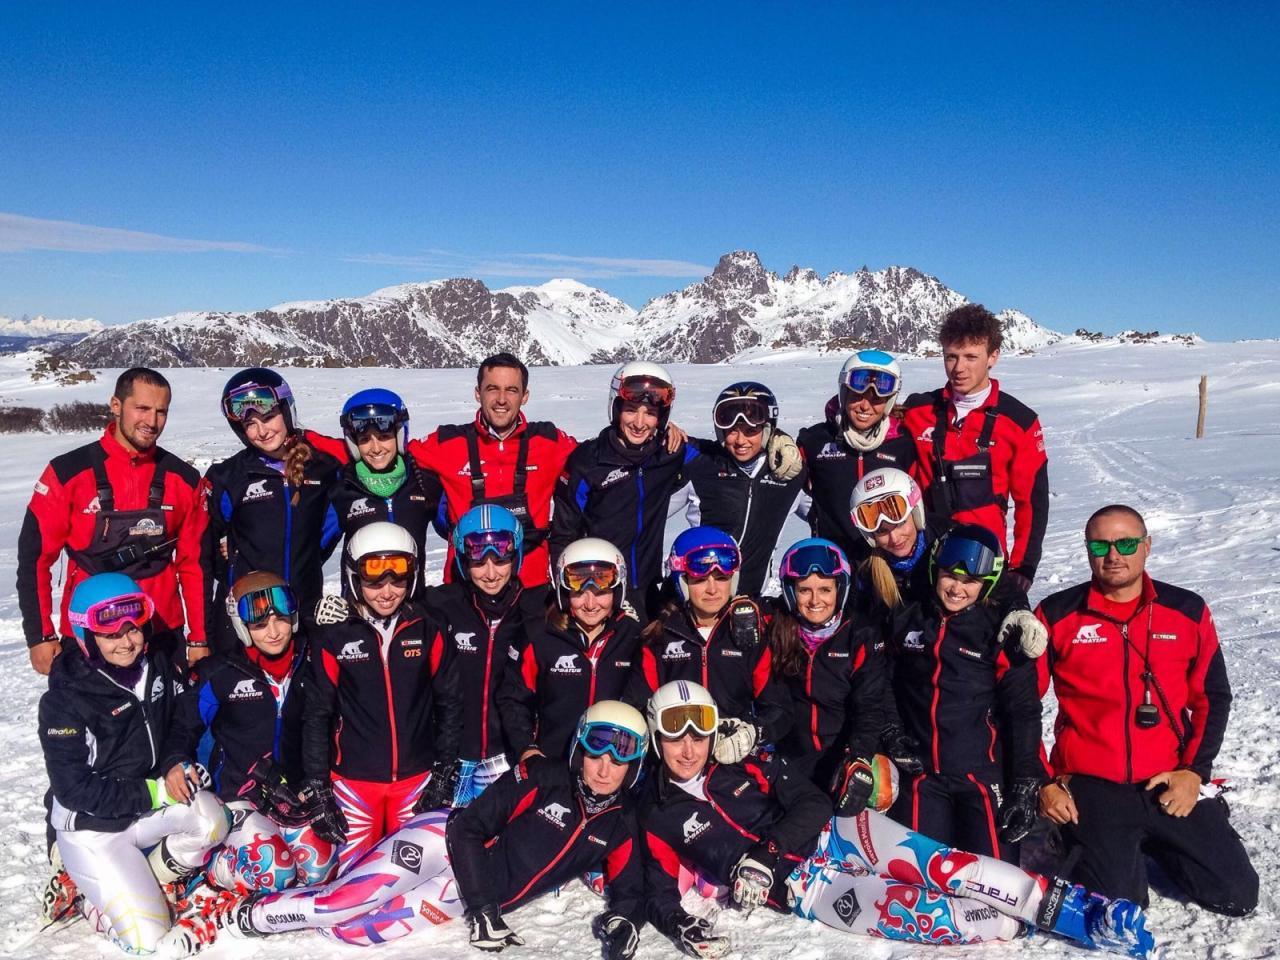 Team Orsatus 2016-17